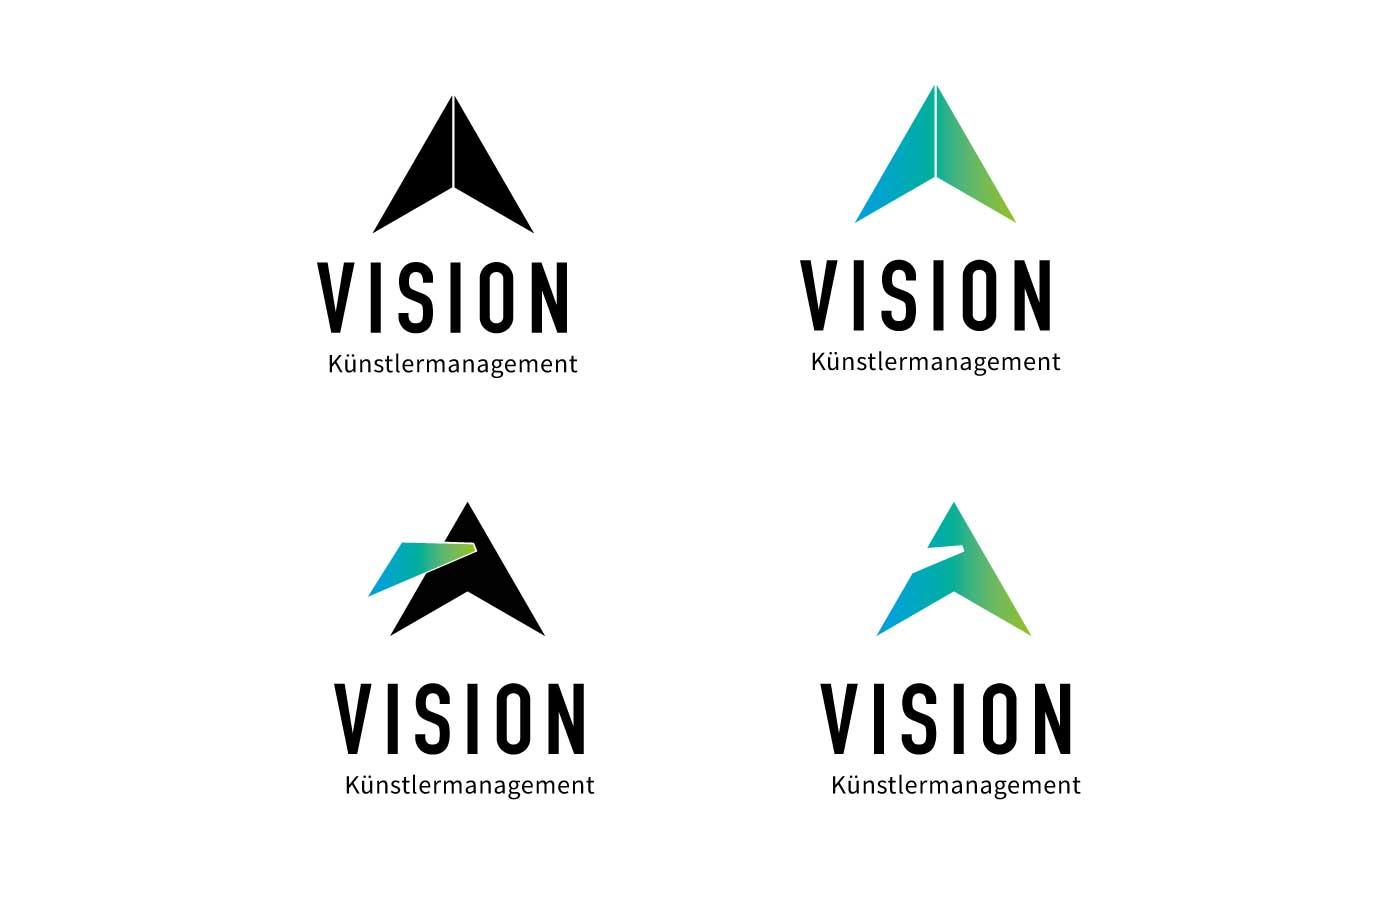 Vision-Künstlermanagement-Logo-Versionen